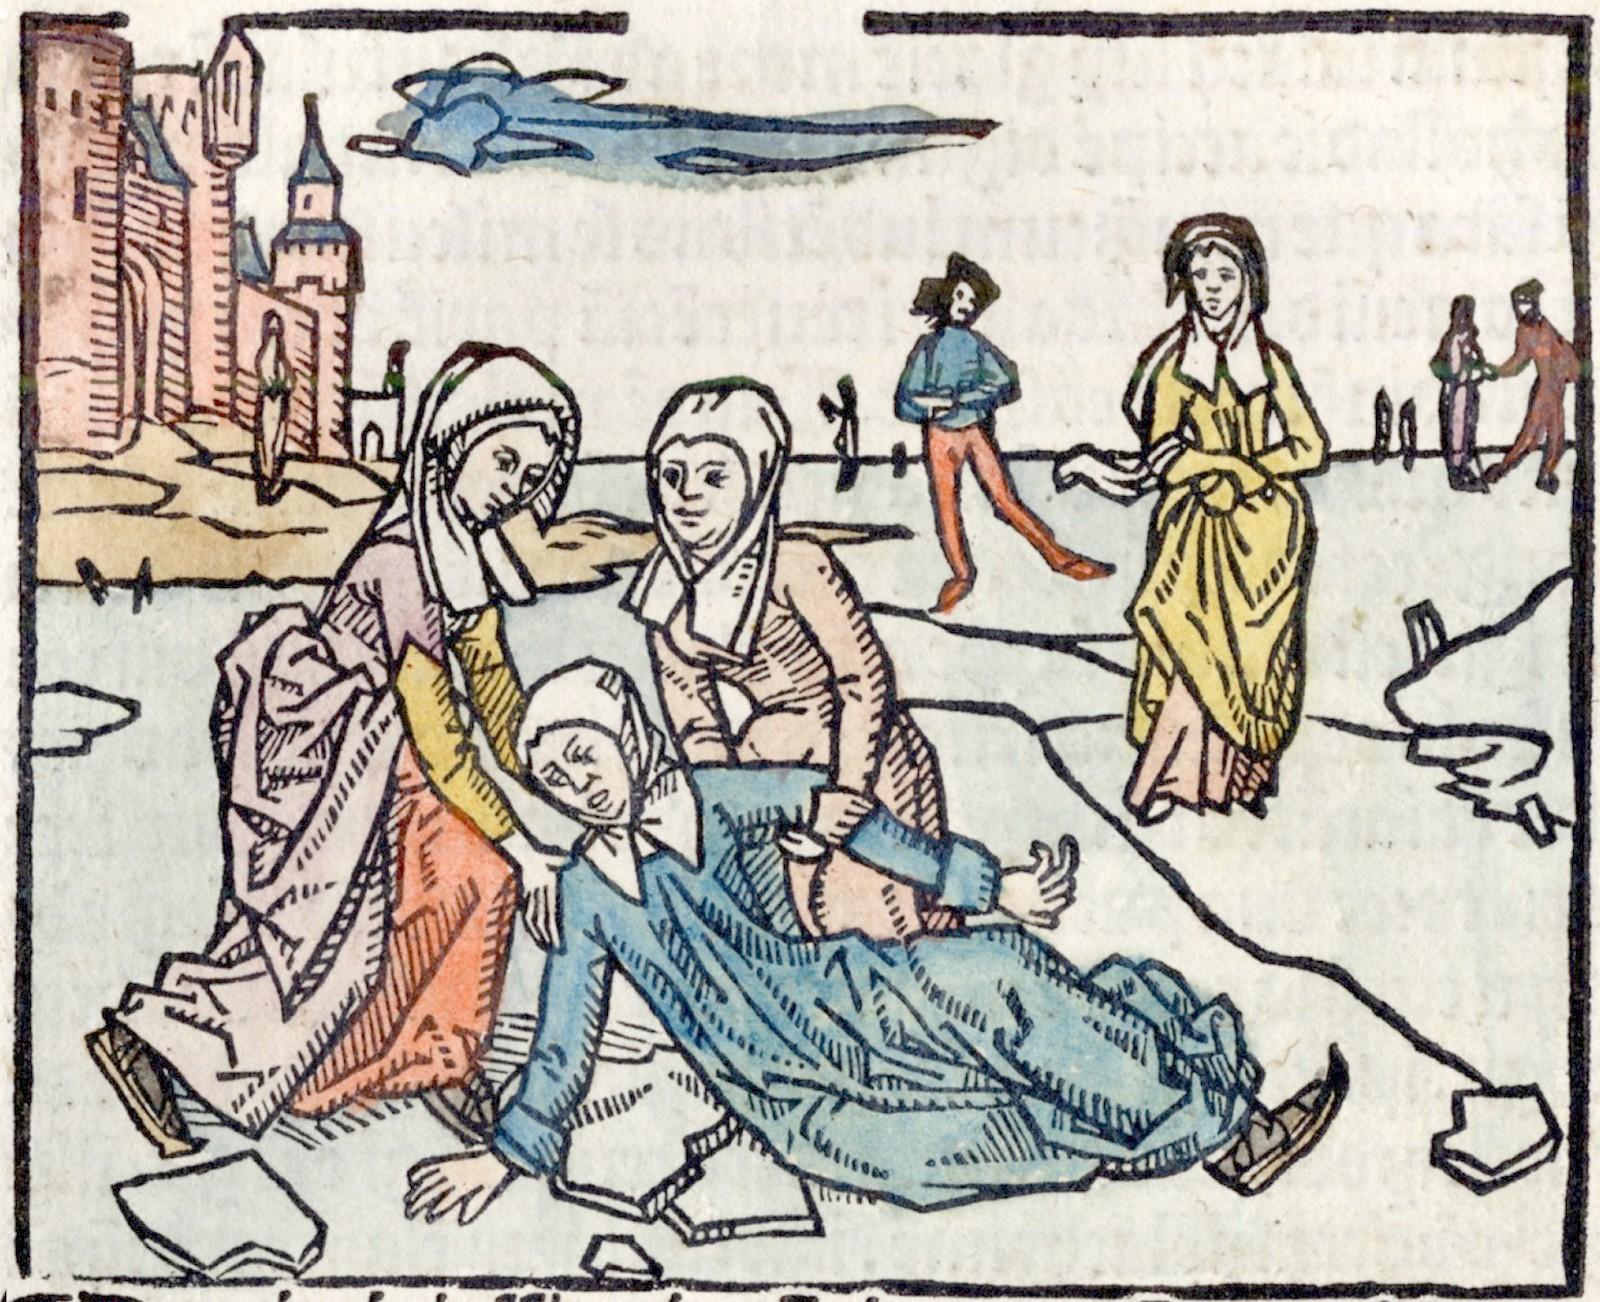 Nuestra Señora de Schiedam, Bendiciones Descubiertas en la Enfermedad, Holanda (7 ago, 13 abr)